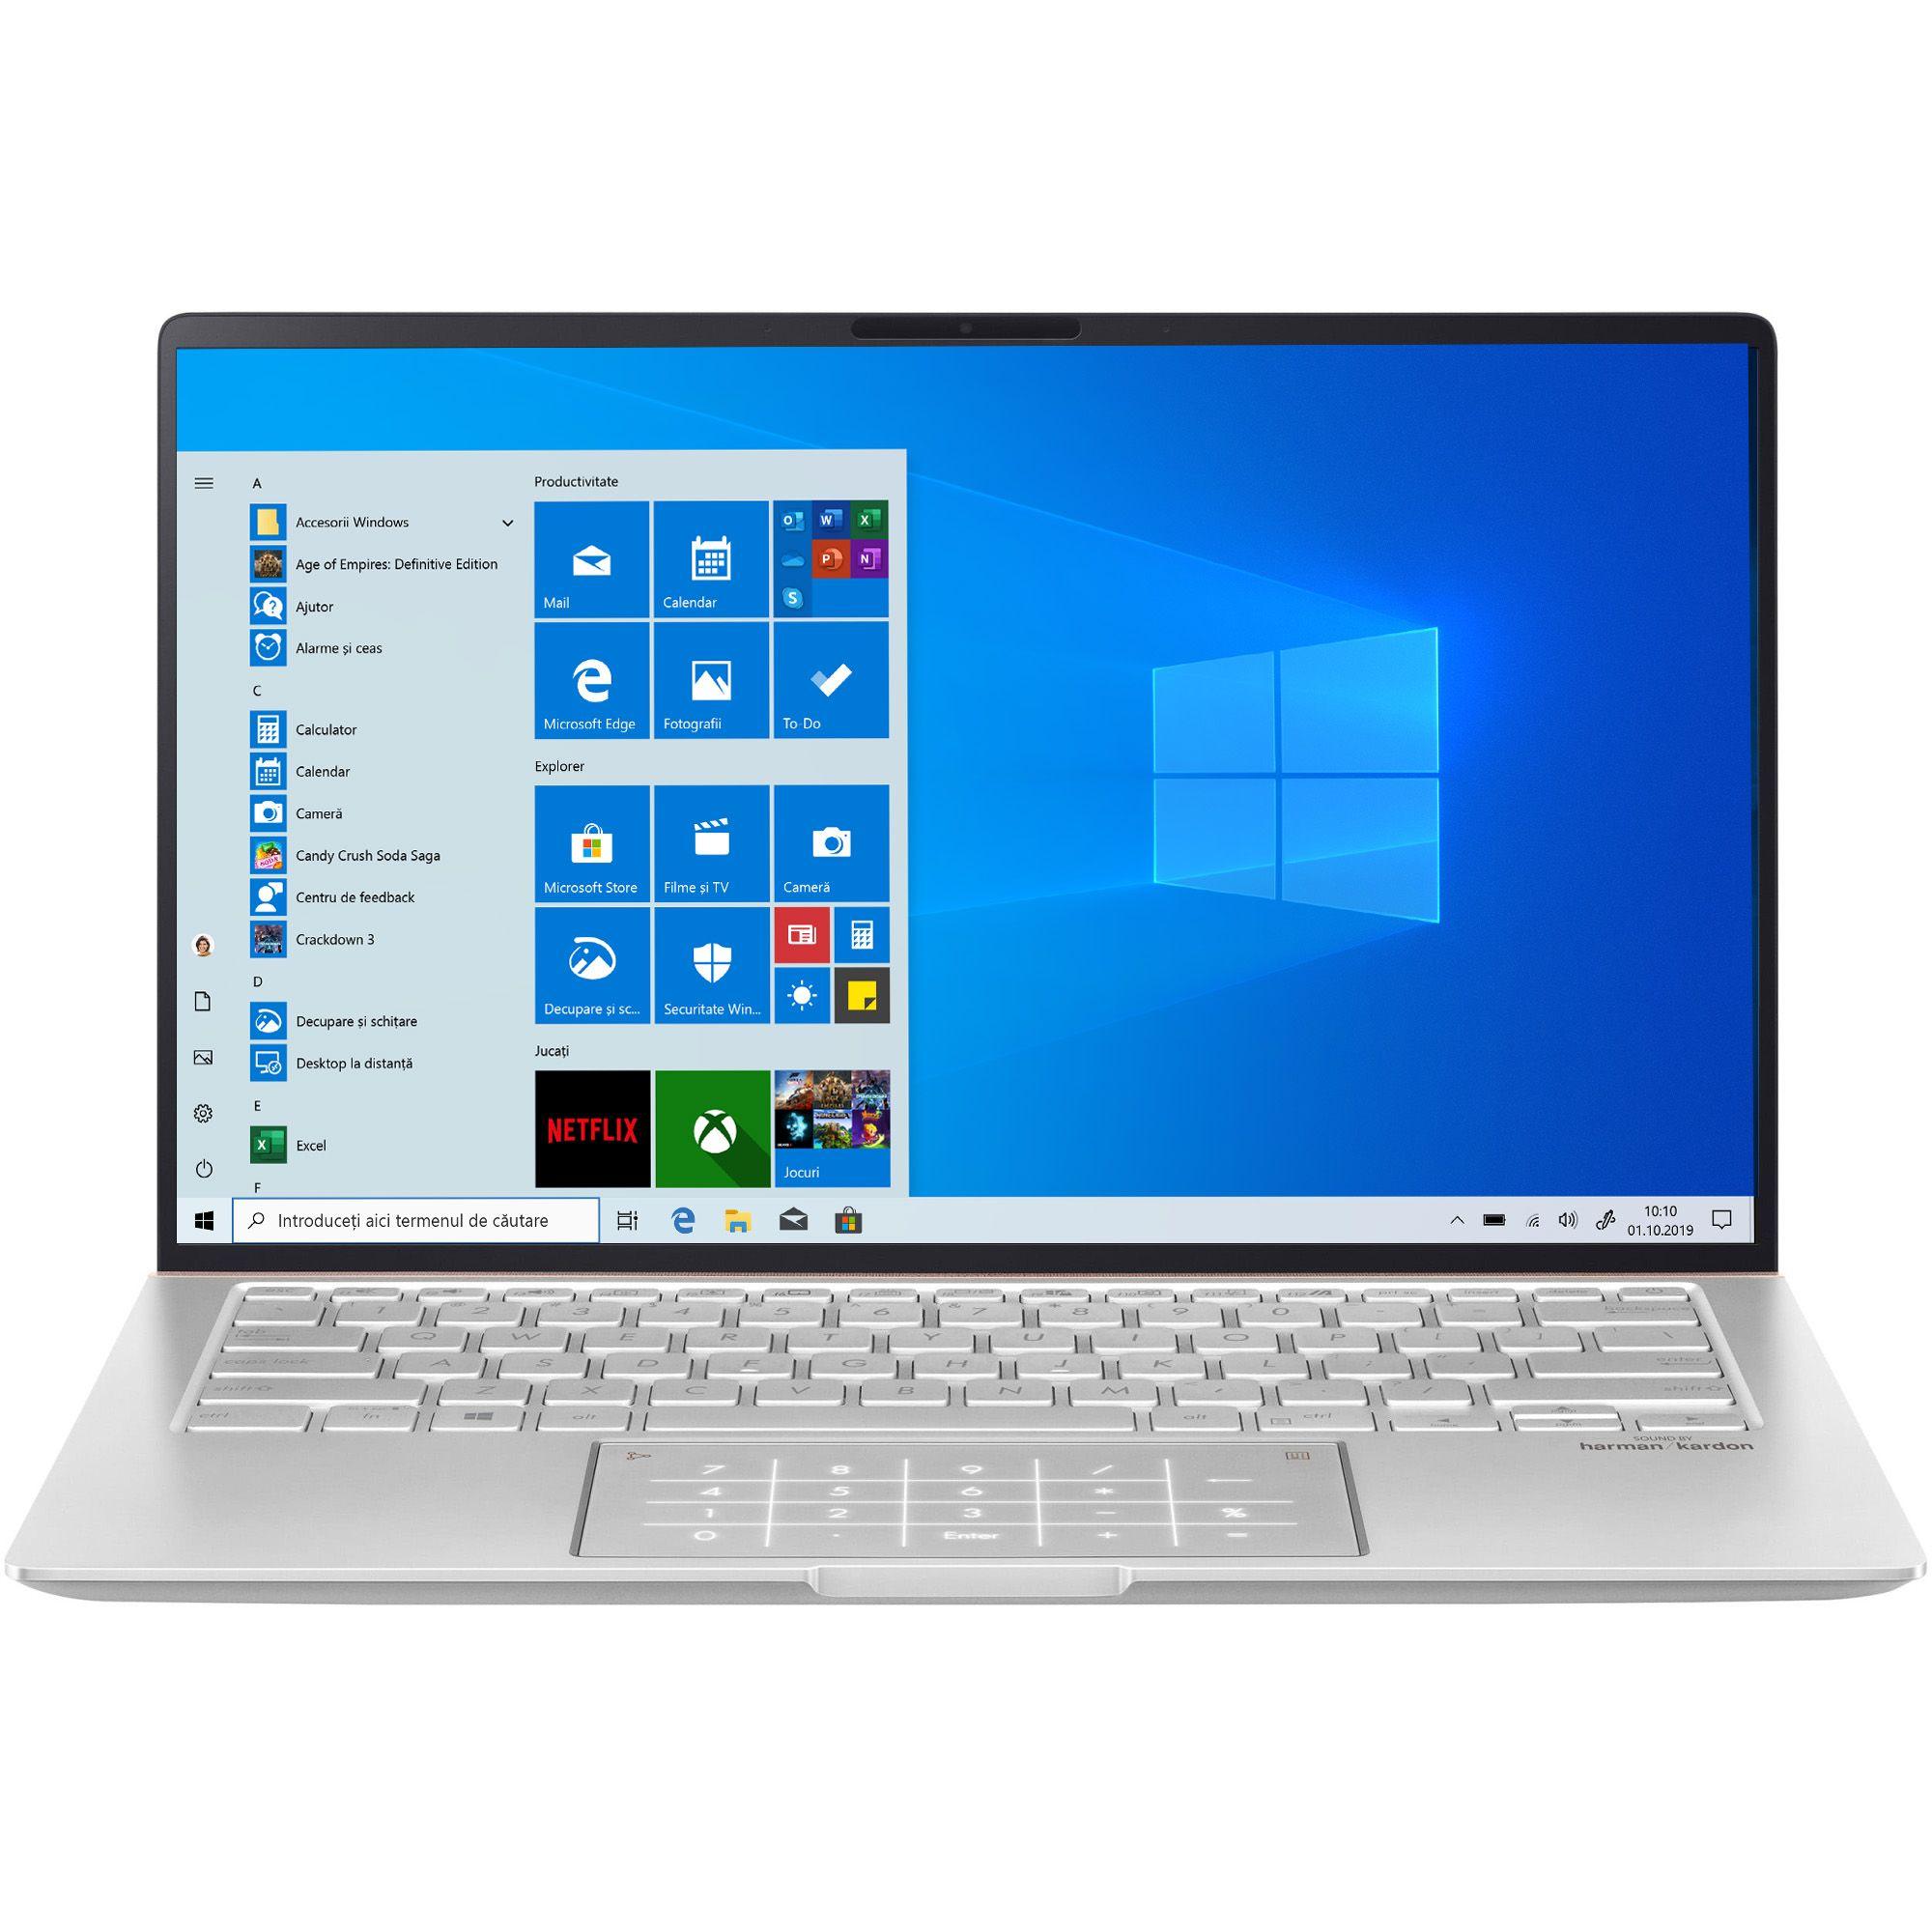 Ultrabook Asus Zenbook Um433da 14 Full Hd Amd Ryzen 7 3700u Ram 16gb Ssd 1tb Windows 10 Home Argintiu